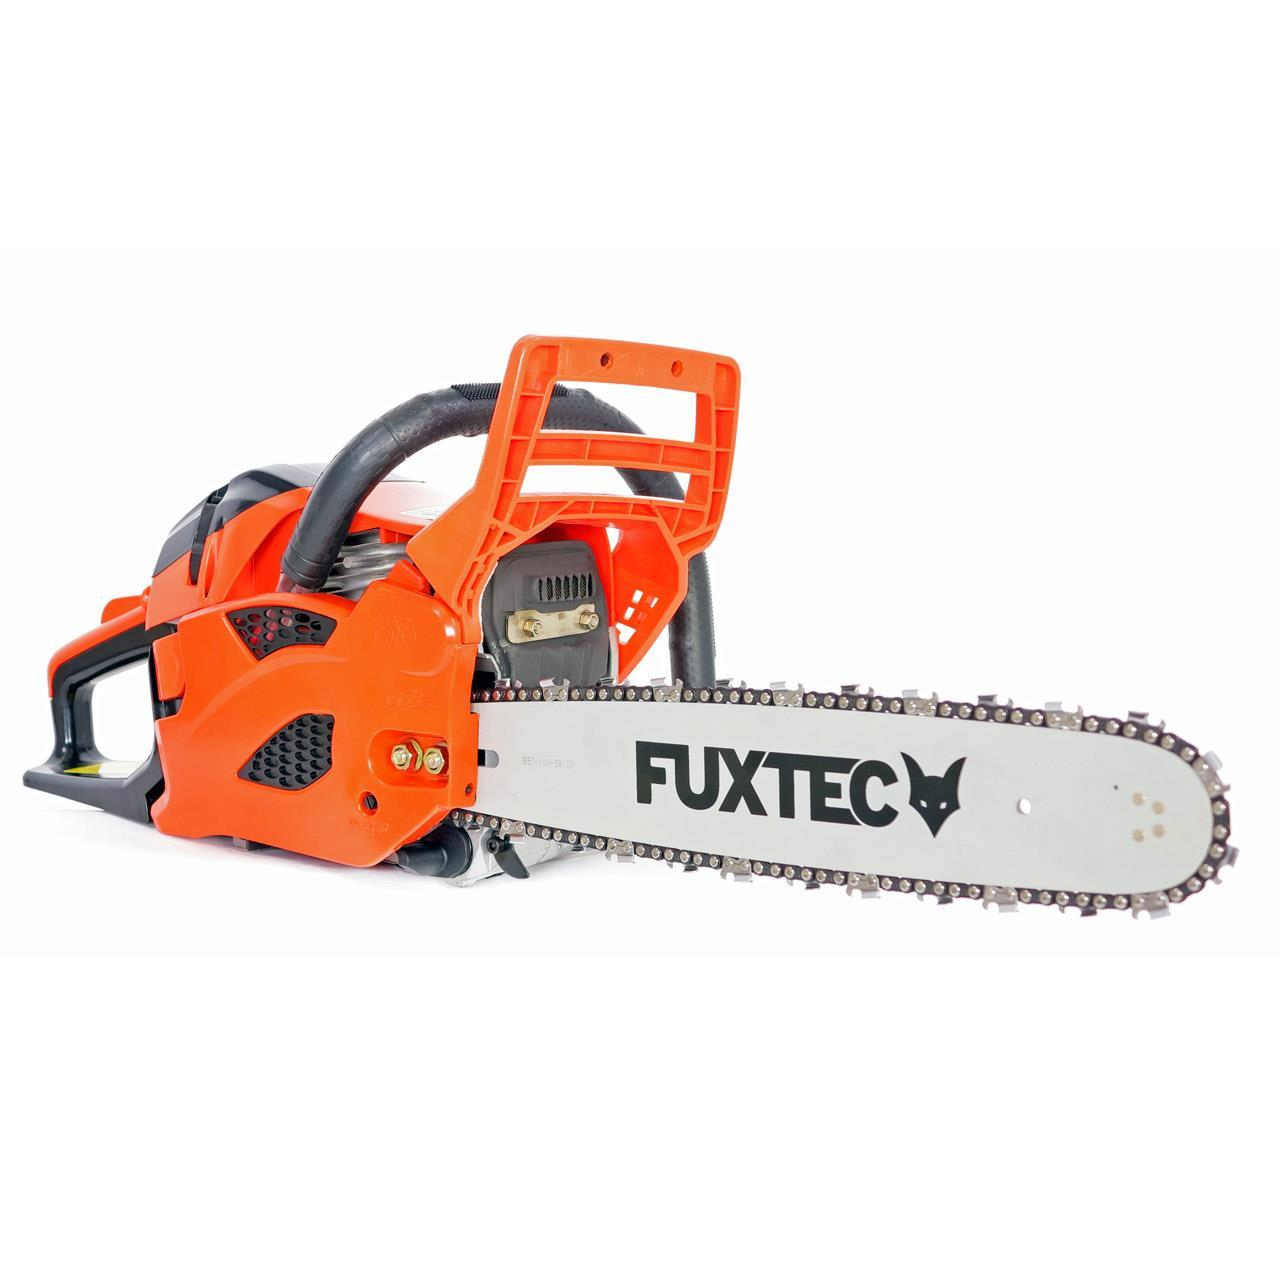 FUXTEC FX-KS155 Benzin Kettensäge